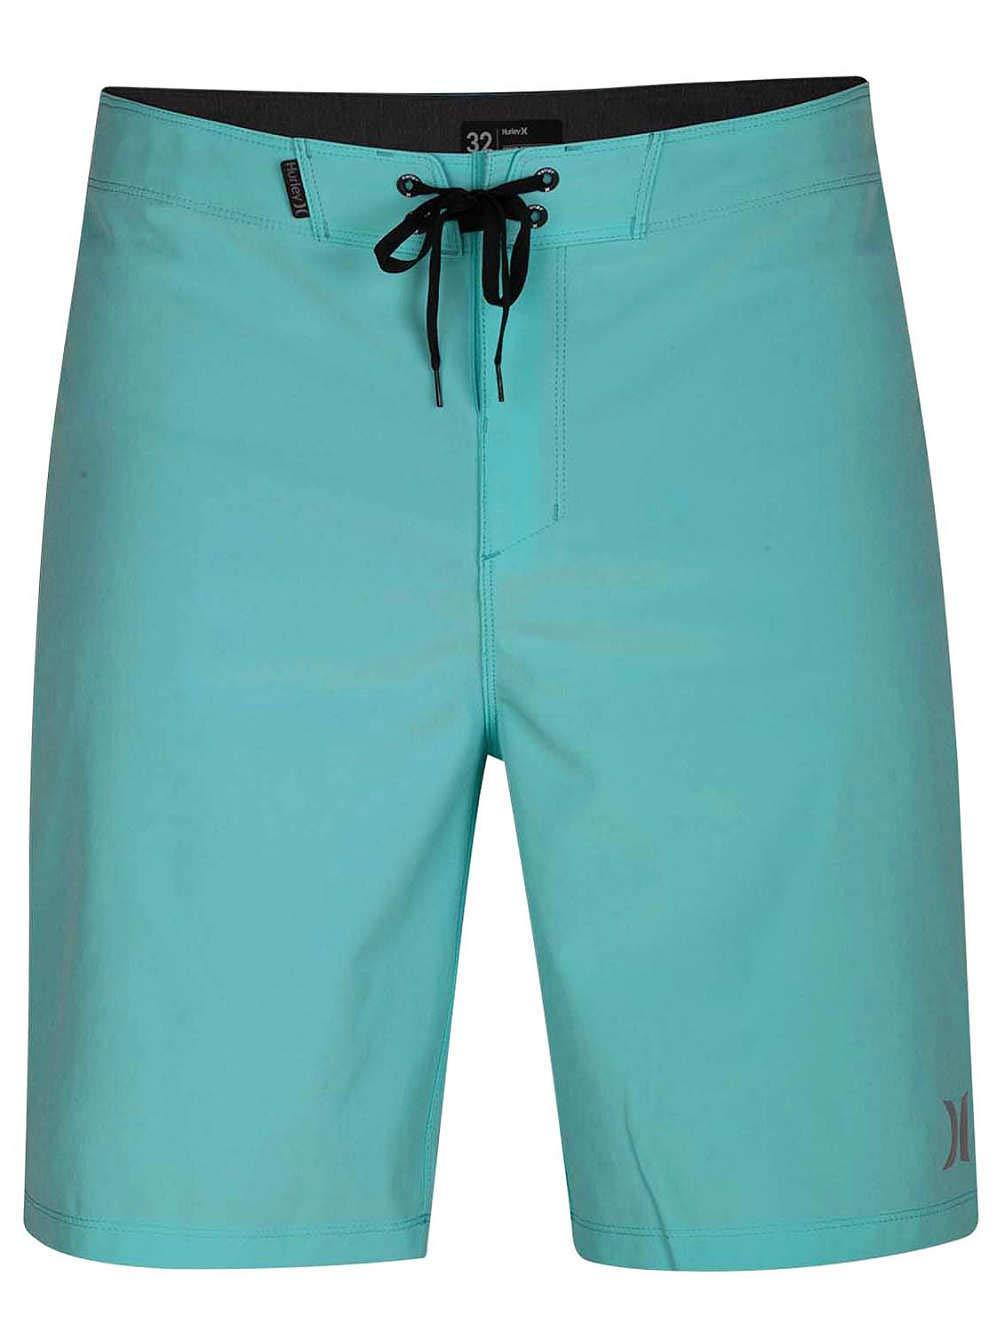 Hurley Herren Boardshorts Phantom One & Only 20' Boardshorts B0792LWDHP Badeshorts Heißer Verkauf